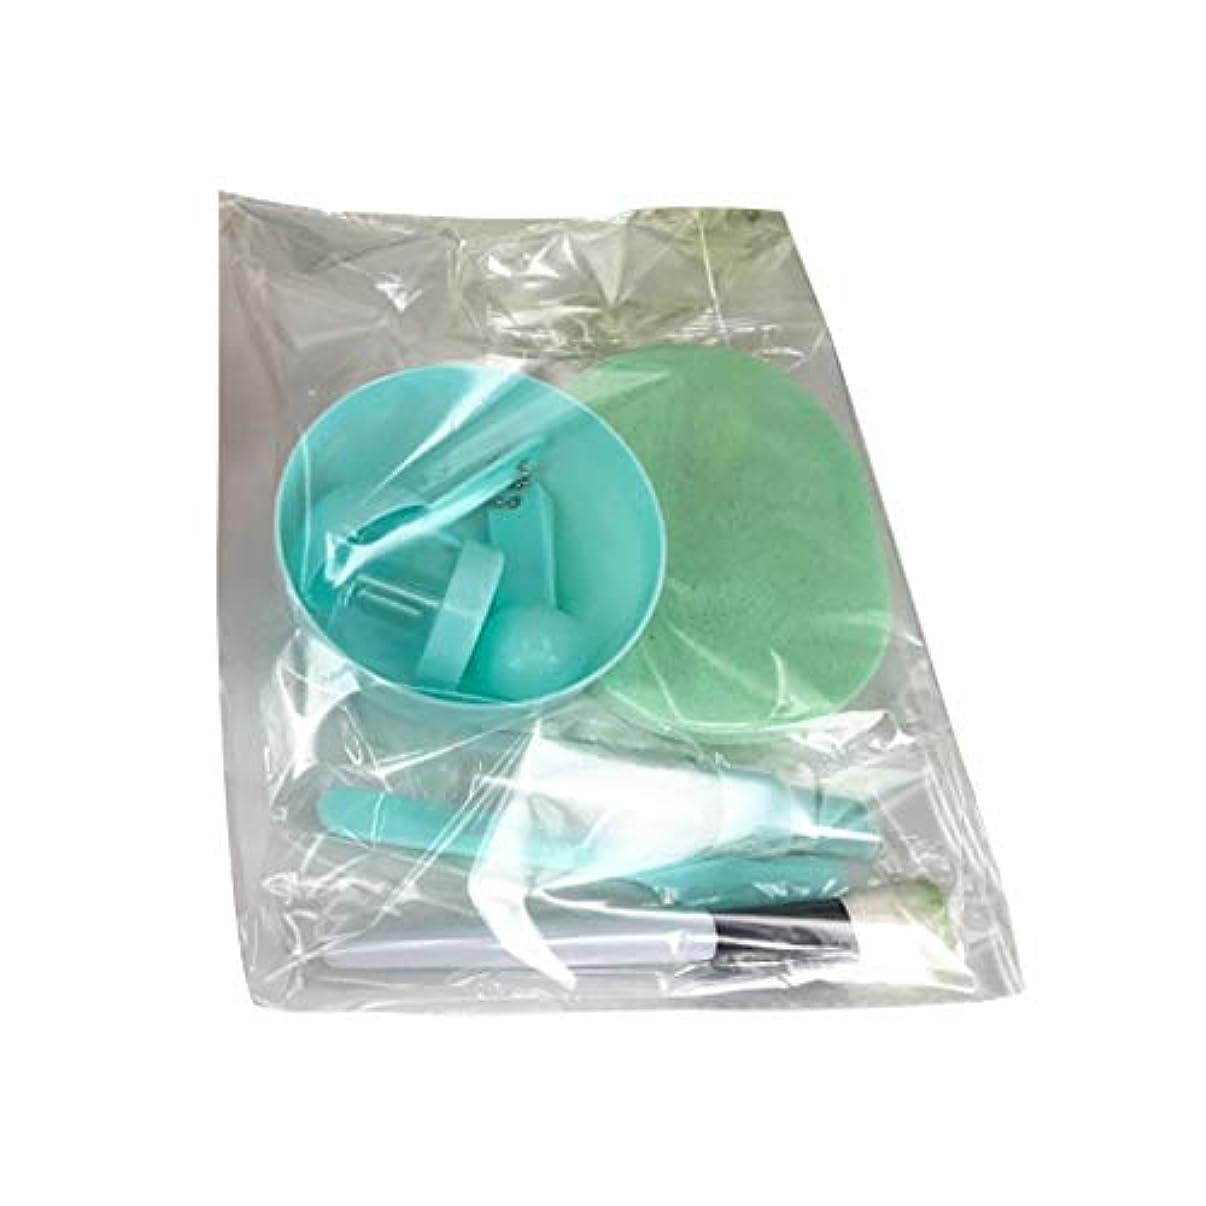 四四グローバルVonarly 美容パック用道具 マスクツール プラスチックボウル メイクアップツール フェイシャルマスクツール 9点セット DIY用品 スライム用ボウル サロン用具 全3色あり